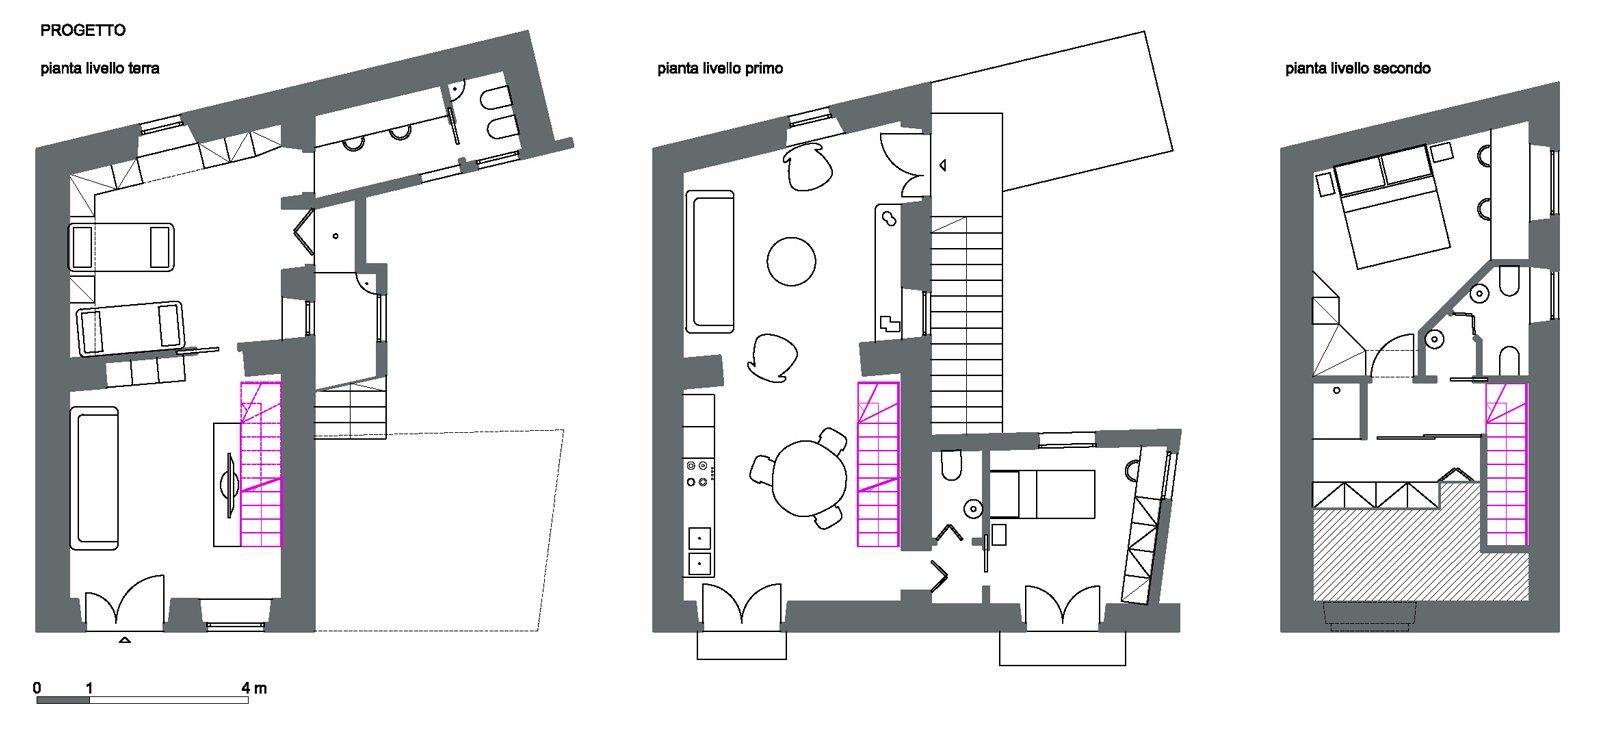 Progetto in pianta e 3d della casa su 3 livelli cose di casa for Piani sud ovest della casa con cortile